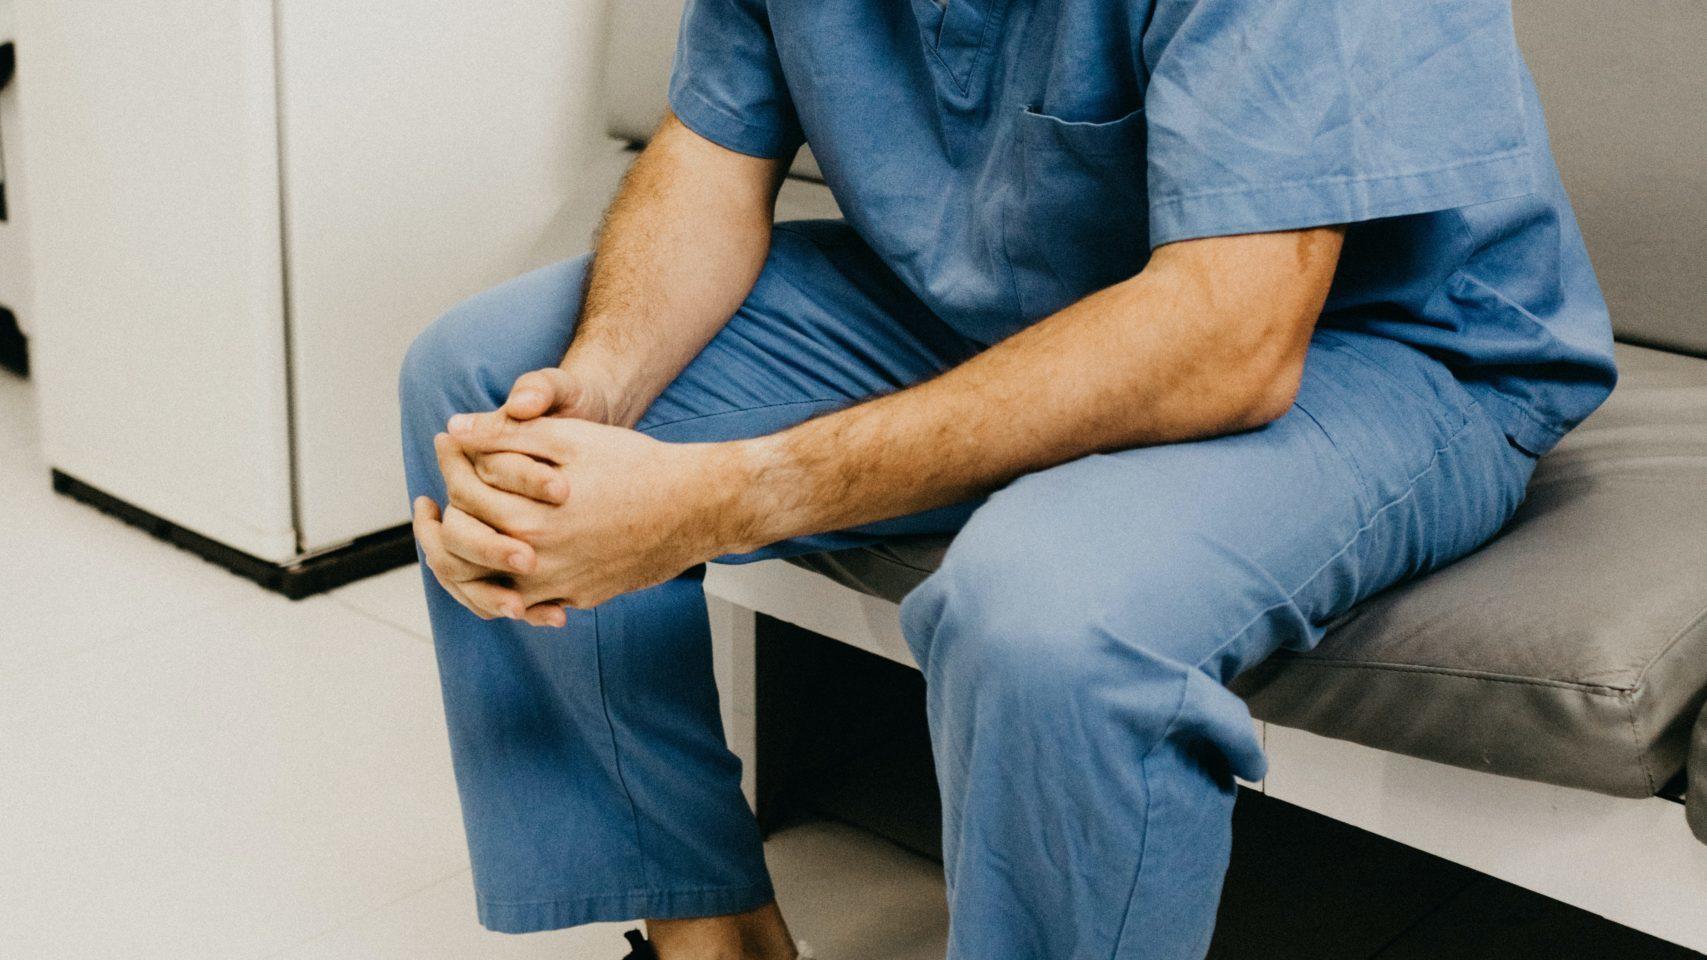 Doctor praying